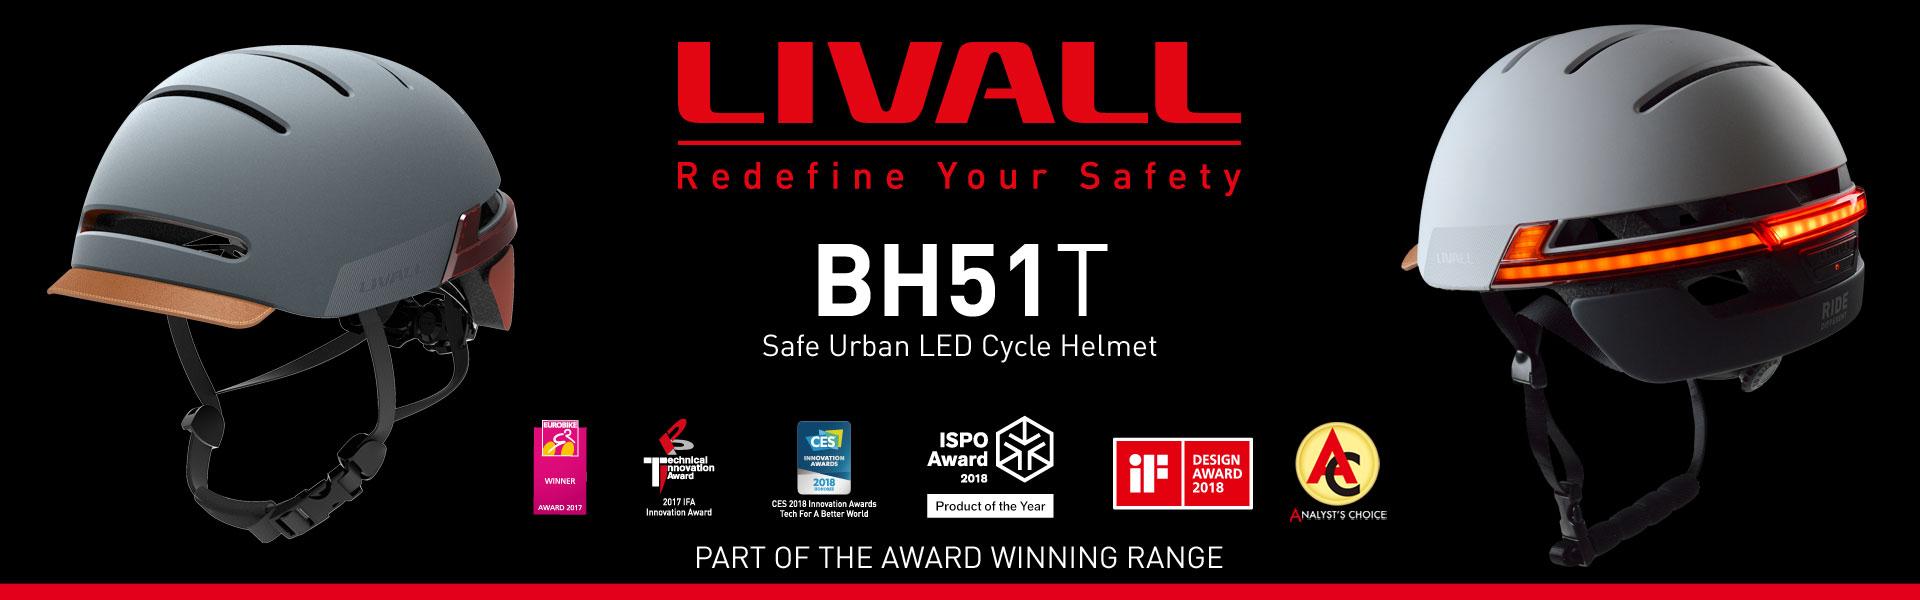 LIVALL BH51T Smart Helmet Banner